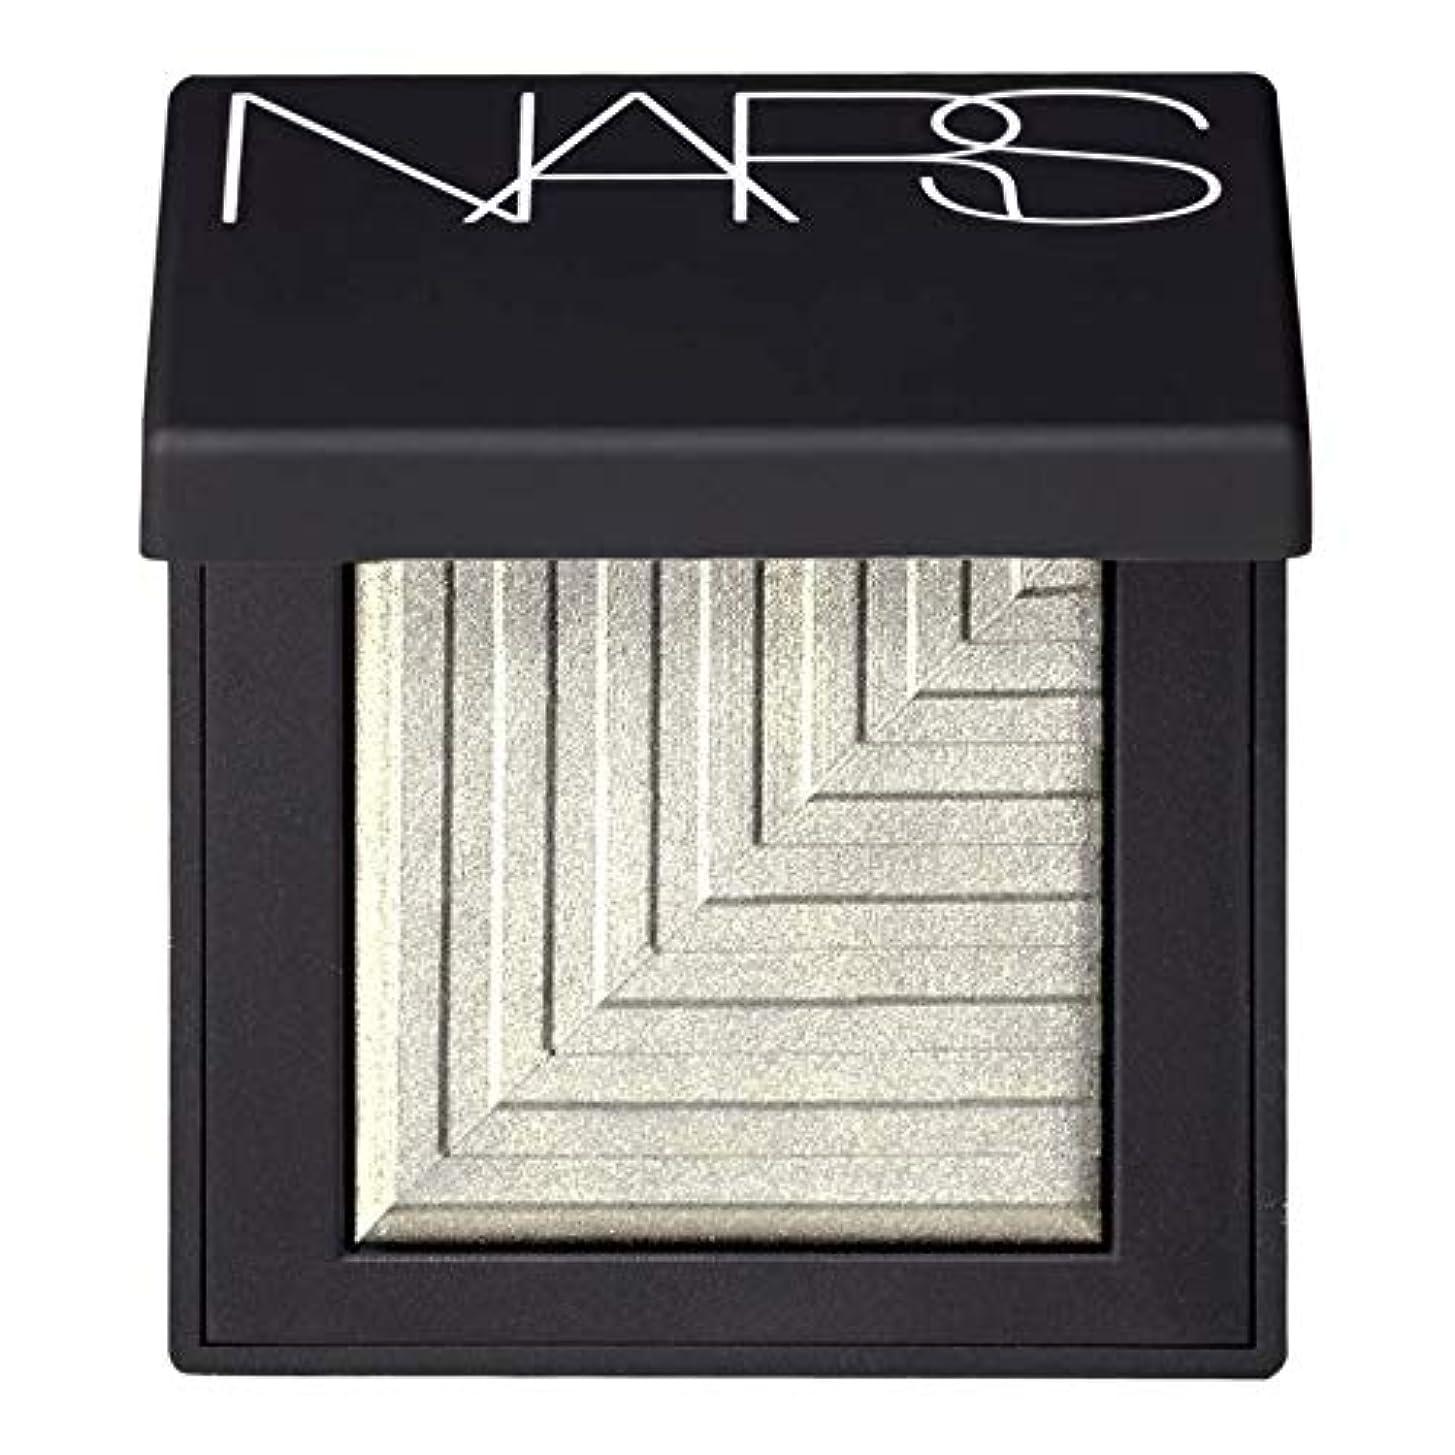 つかいます仕事に行くロイヤリティ[NARS] Narはデュアル強度アイシャドウアンタレス - Nars Dual Intensity Eyeshadow Antares [並行輸入品]